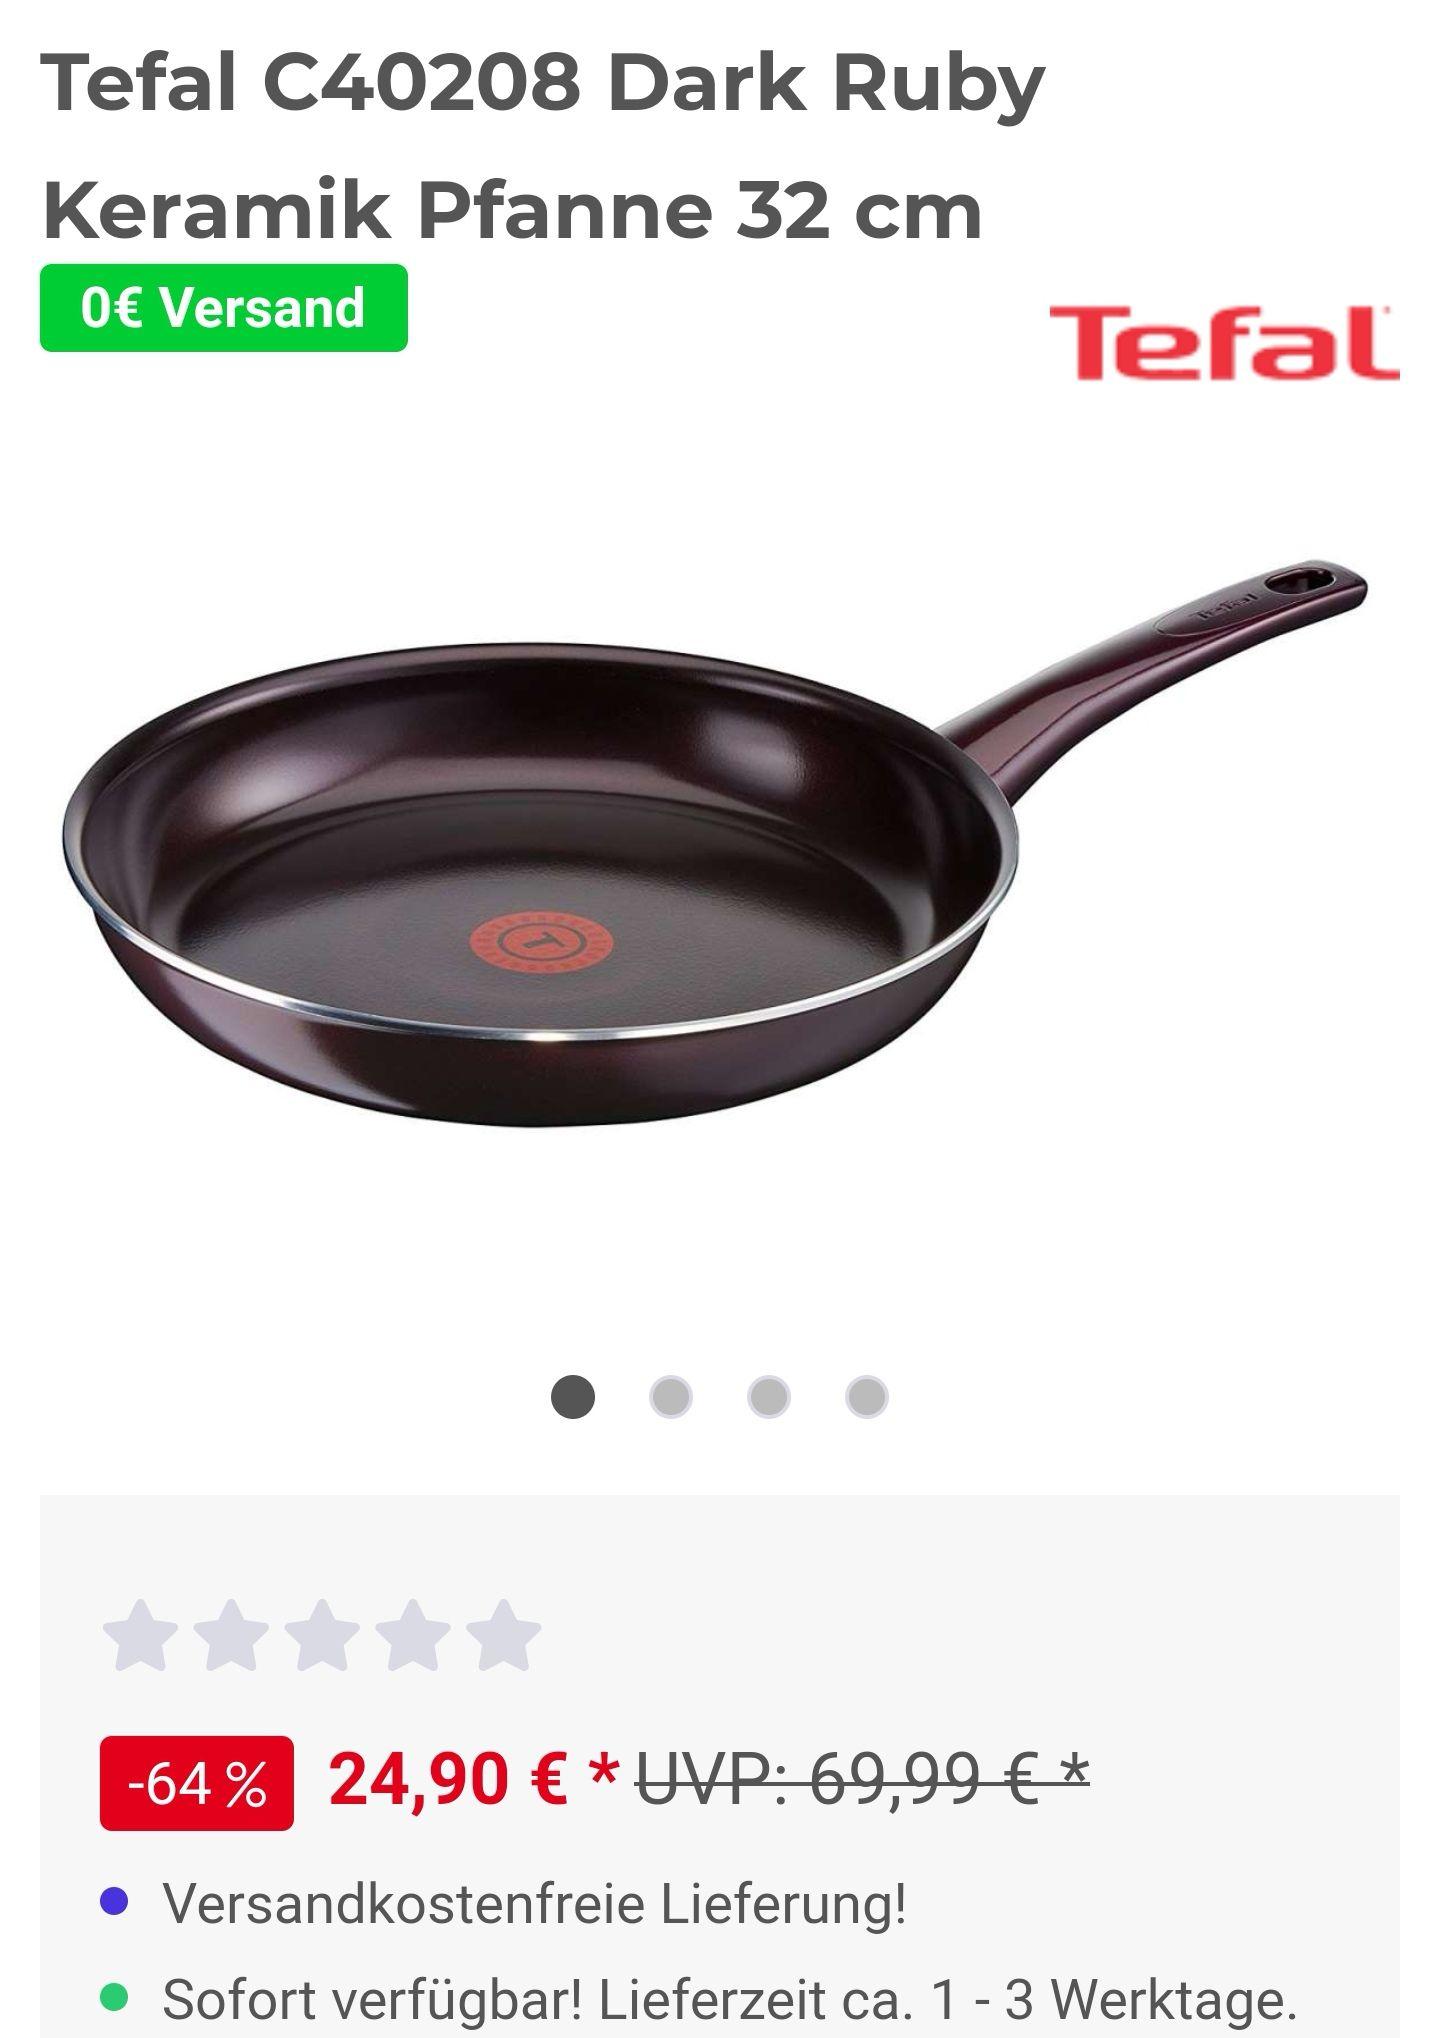 TEFAL C40208 Dark Ruby Bratpfanne (Aluminium, Beschichtung: Keramik, 320 mm) Versandkostenfreie Lieferung!